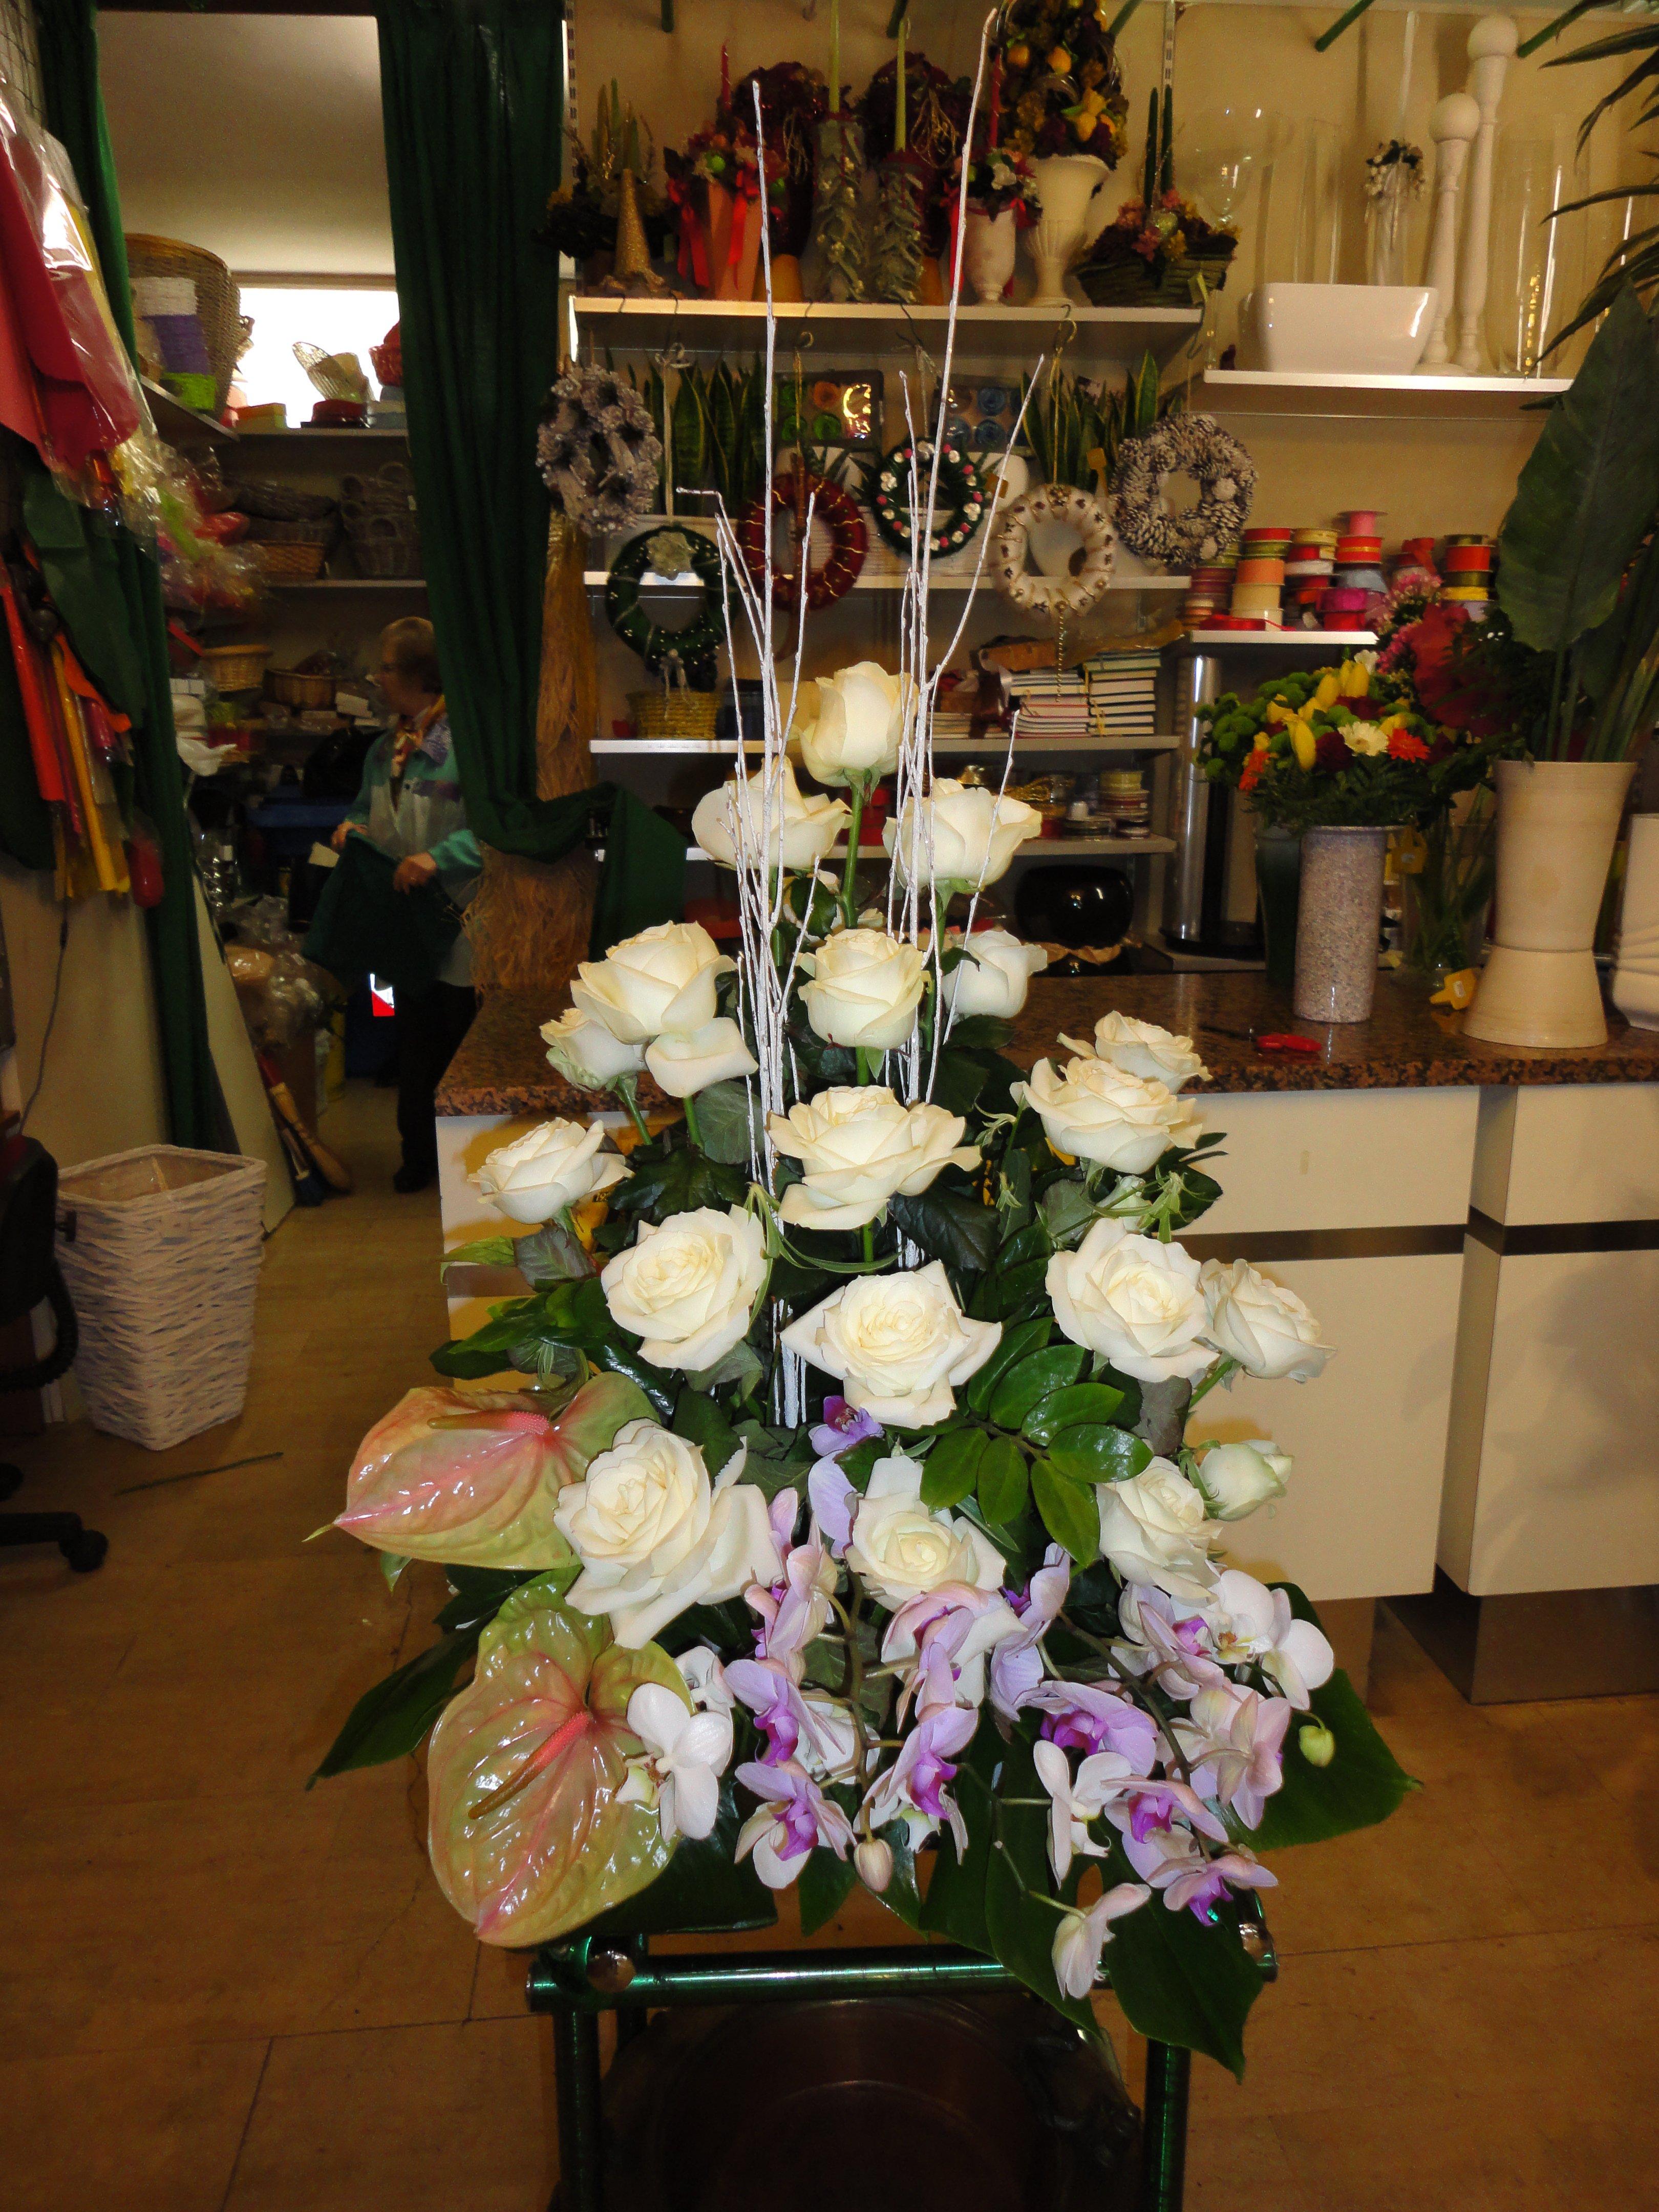 composizione di rose bianche dentro un fioraio